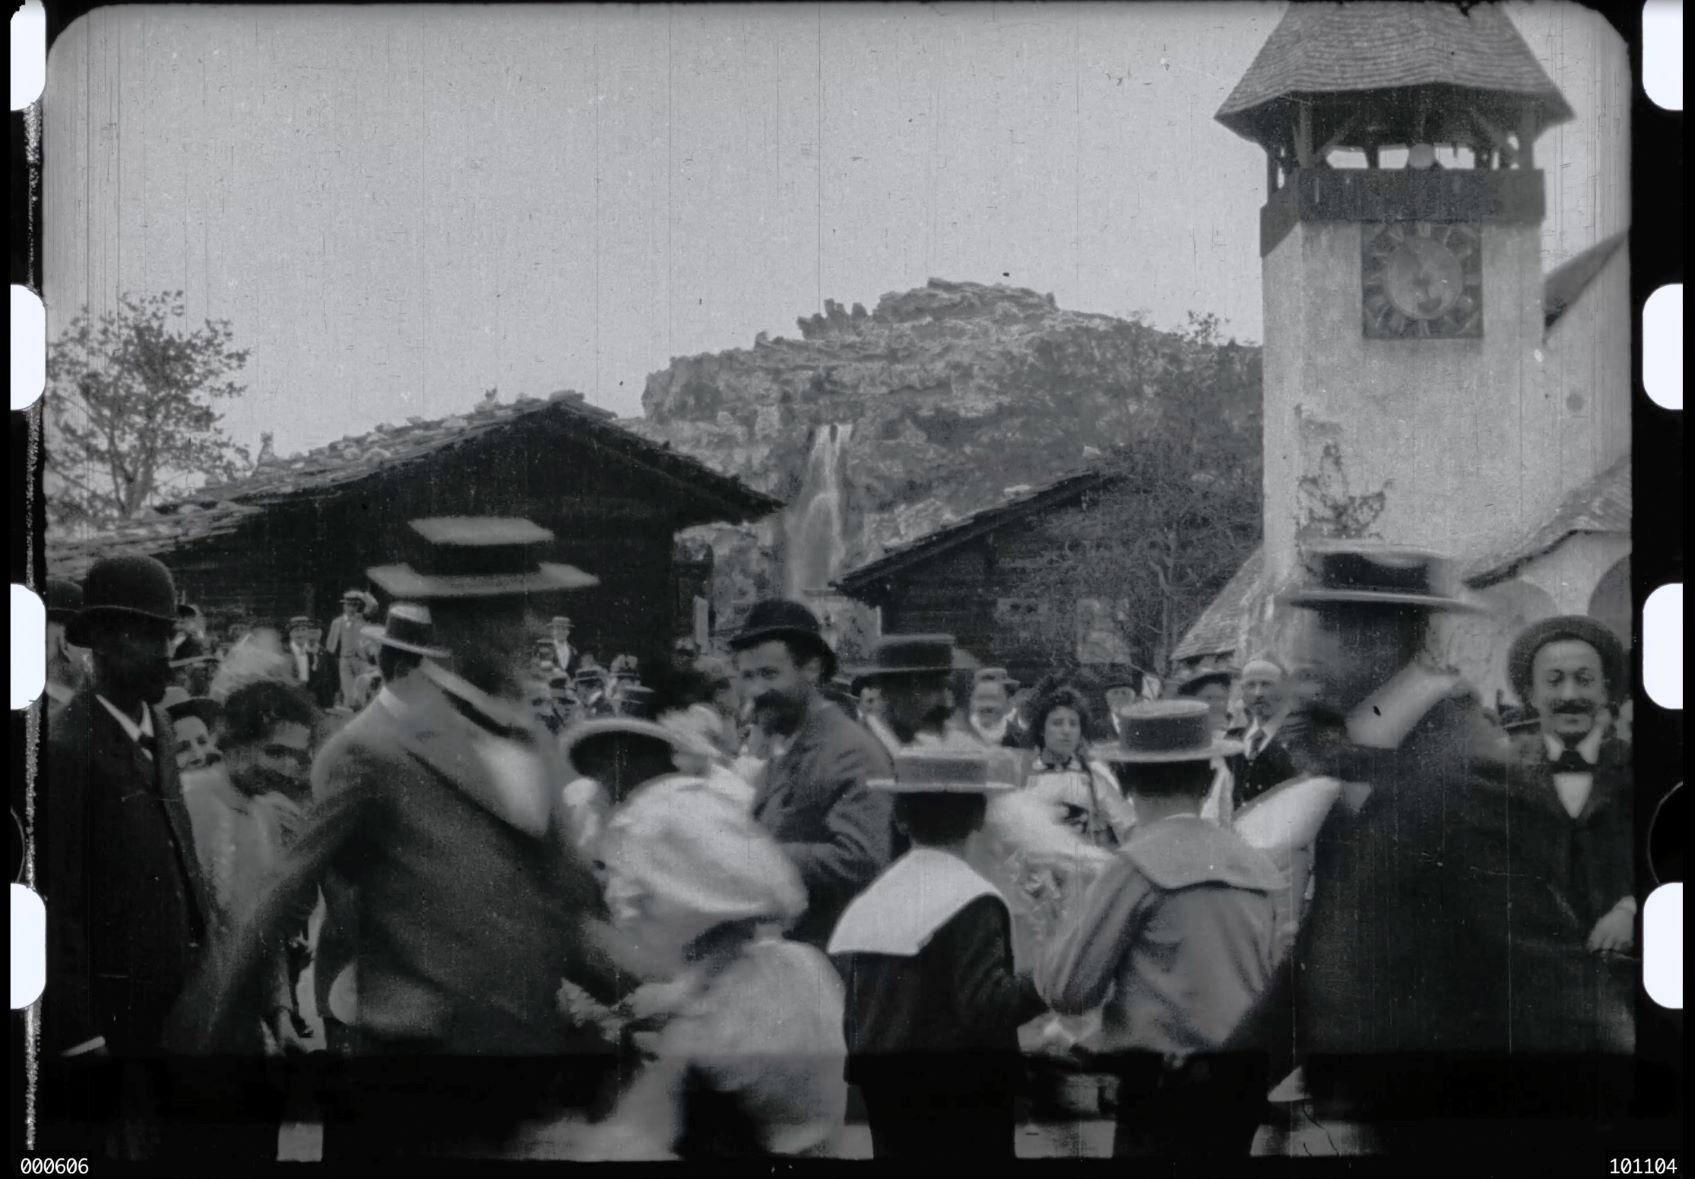 Der Panorama-Berg der Genfer Landesausstellung von 1896 – mit Ferdinand Hodler im Vordergrund. (Institut Lumière, Lyon, Film Nr. 312: Fête au village)